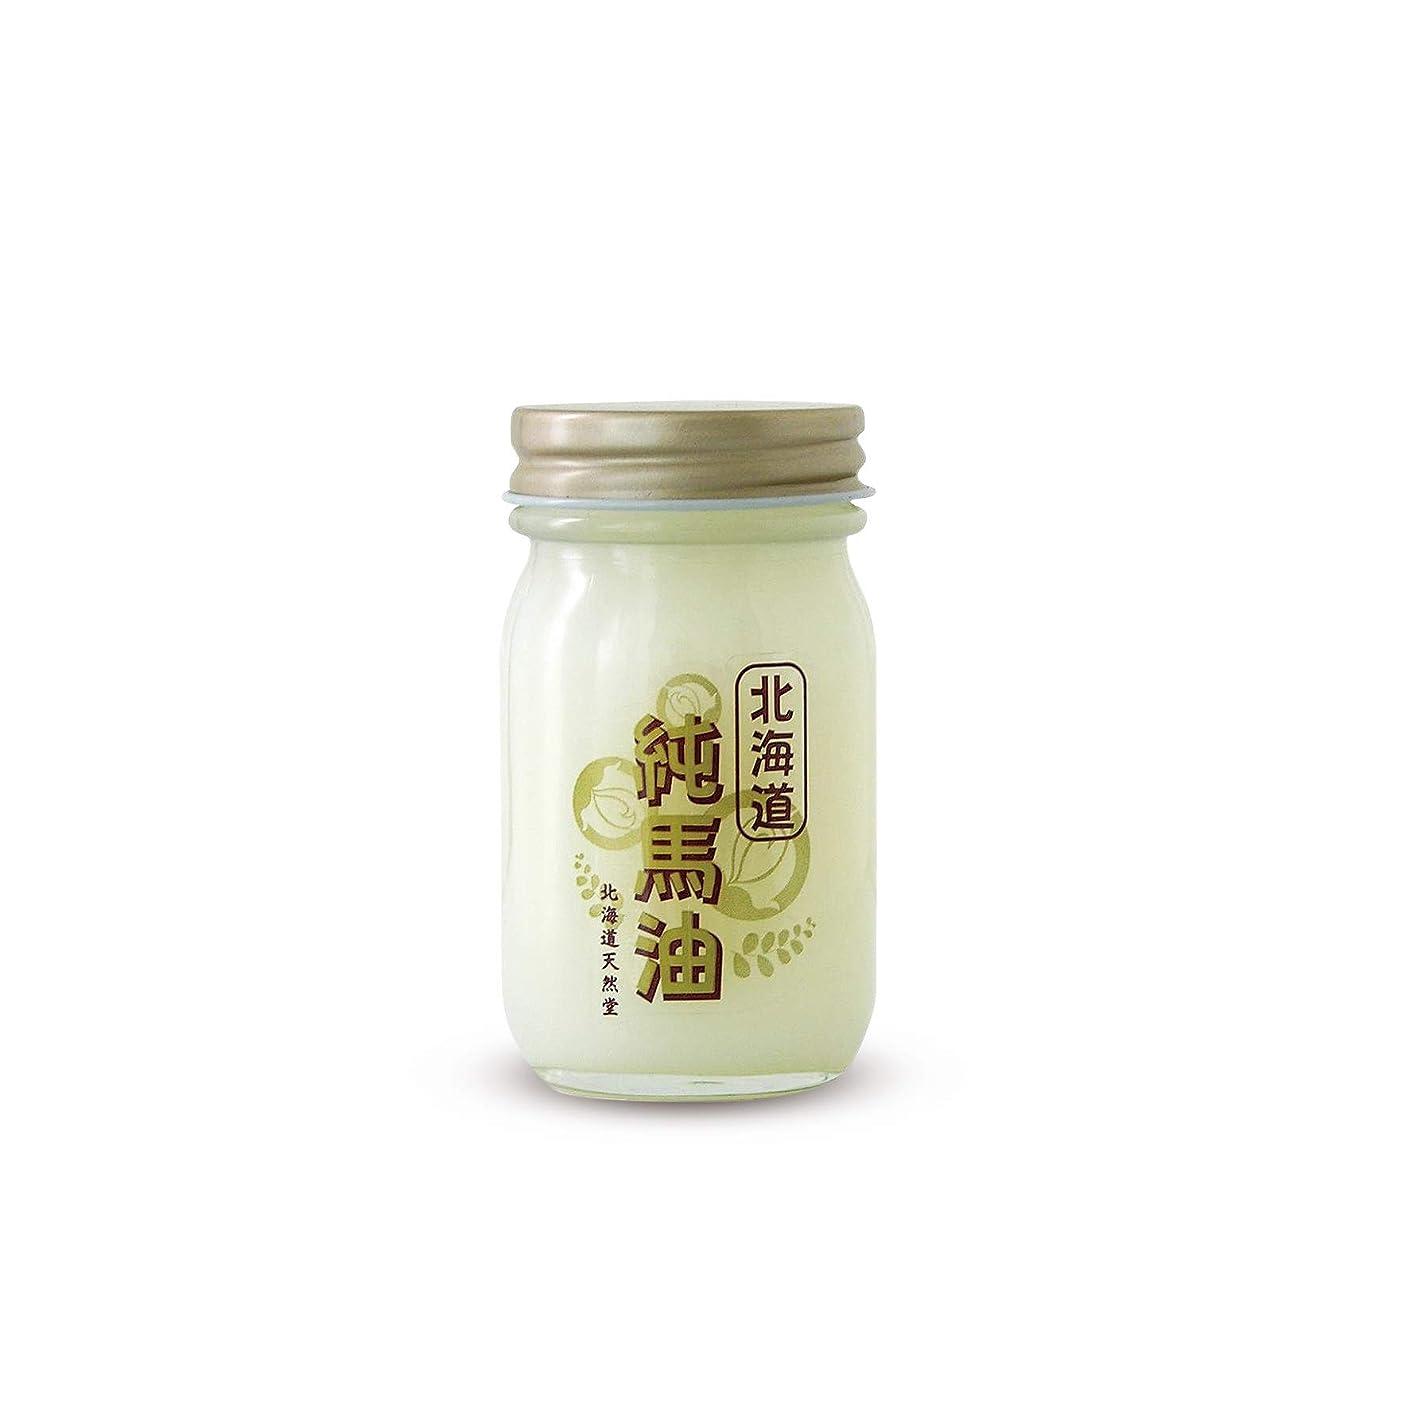 膨張するラメ最近純馬油 70ml 【国内限定】/ 北海道天然堂